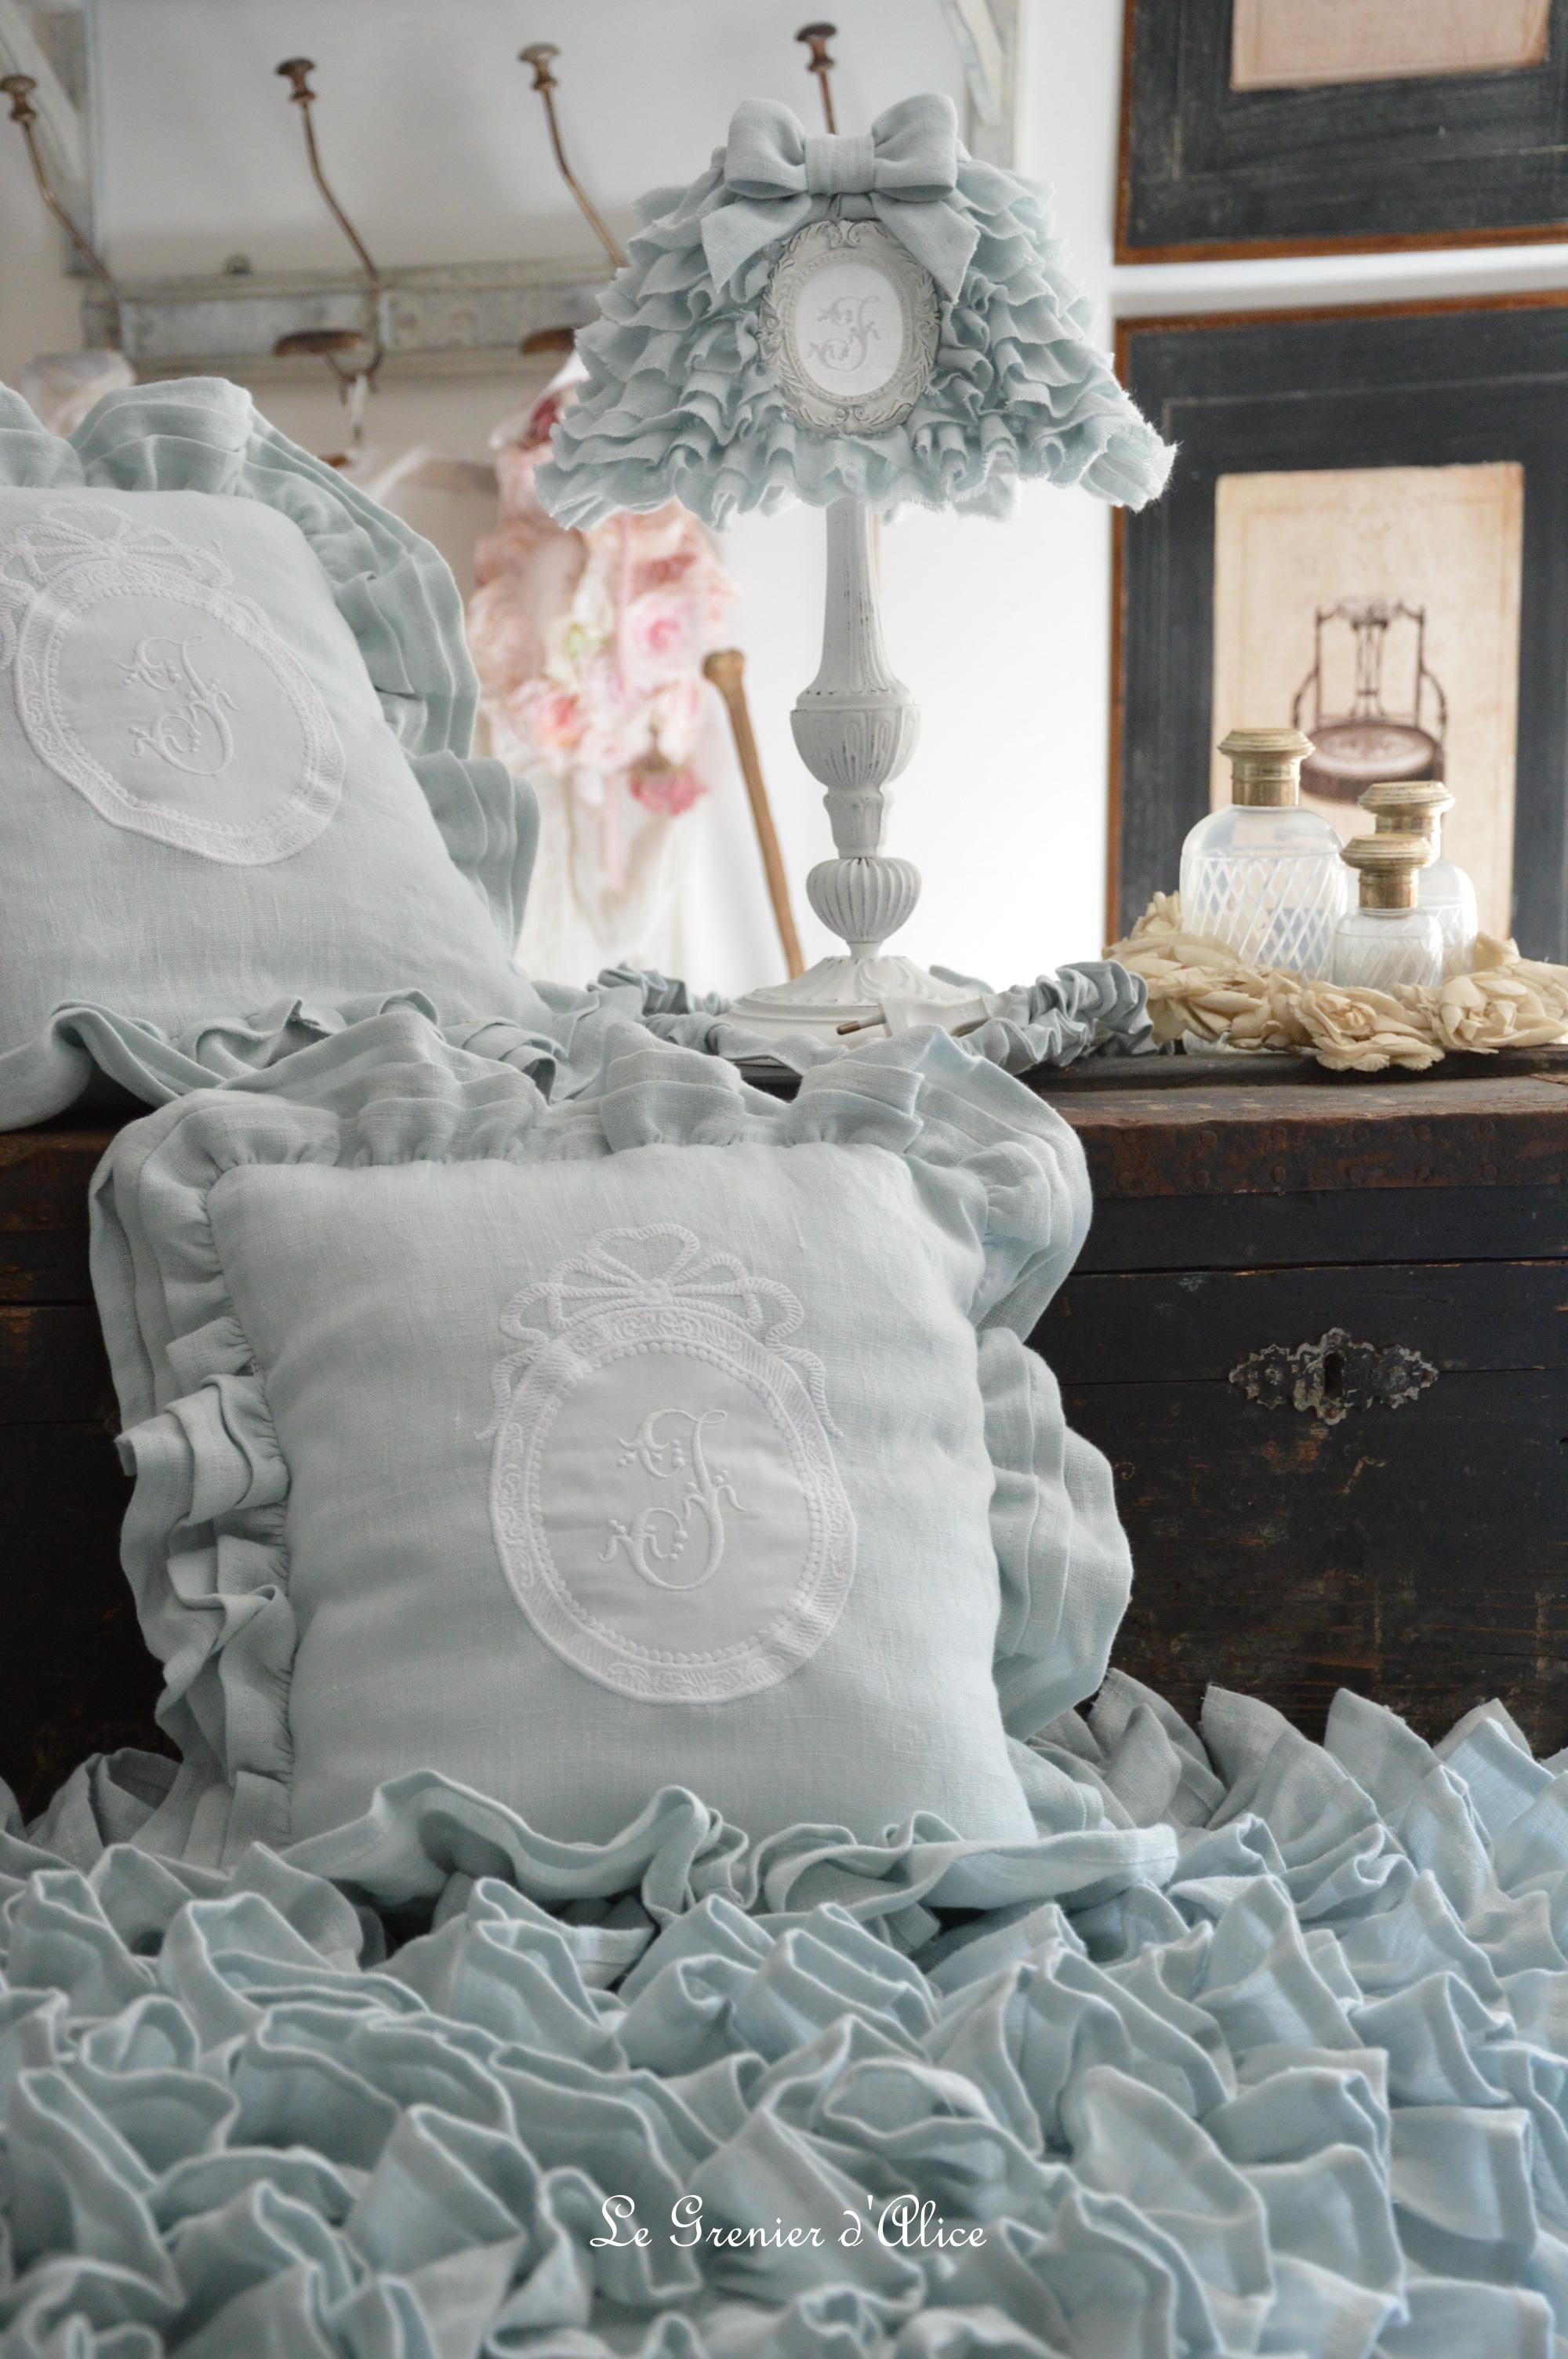 Bout de lit jeté de lit bout de pied shabby chic romantique lin gris nordique gris gustavien volant froufrou ruffle linen création le grenier dalice abat jour lampshade coussin pillow 3